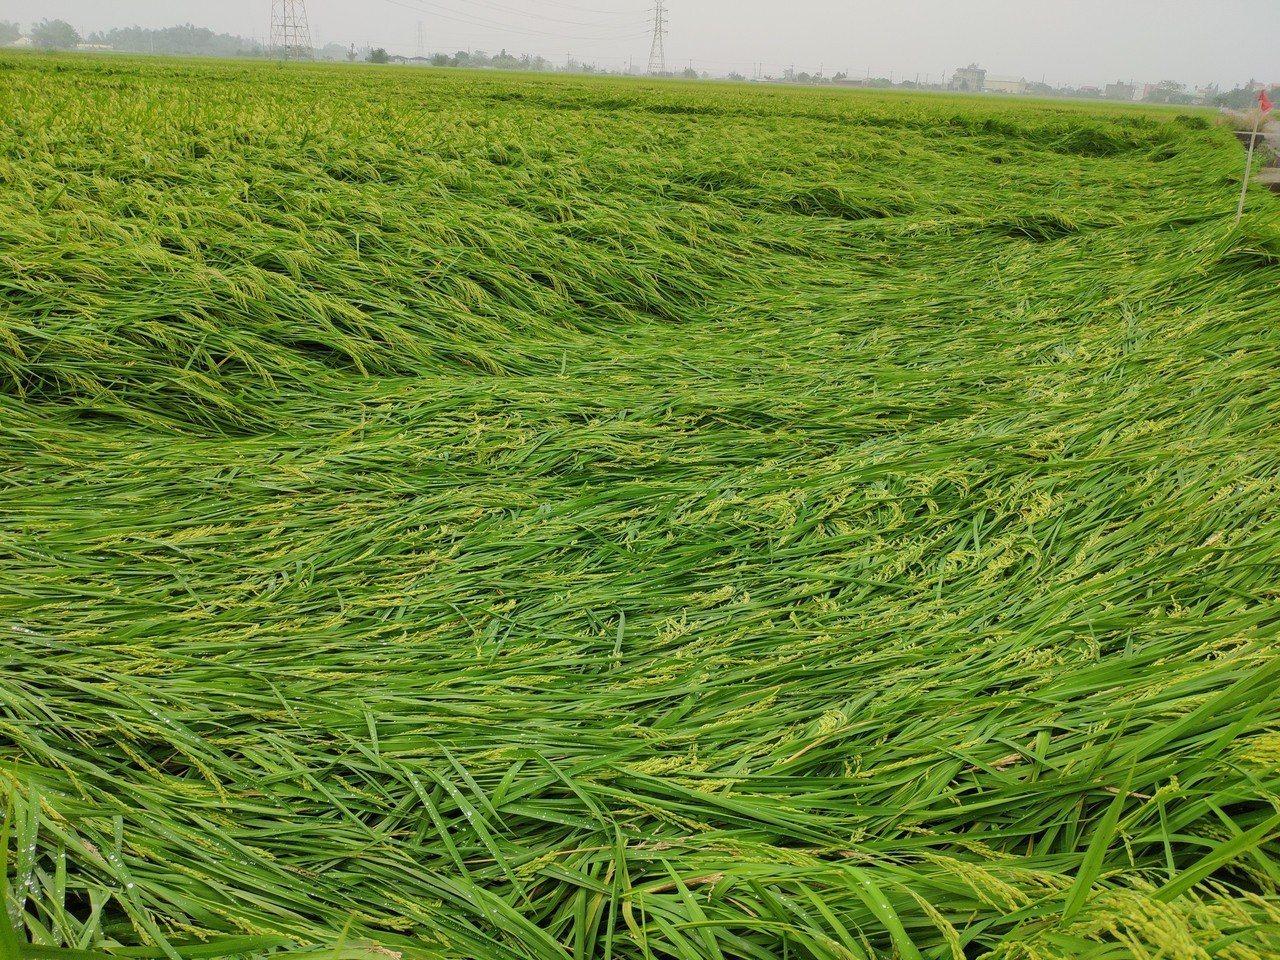 強降雨肆虐,收成在即台南一期稻作陸續傳倒伏情事,農民相當無奈。記者謝進盛/攝影